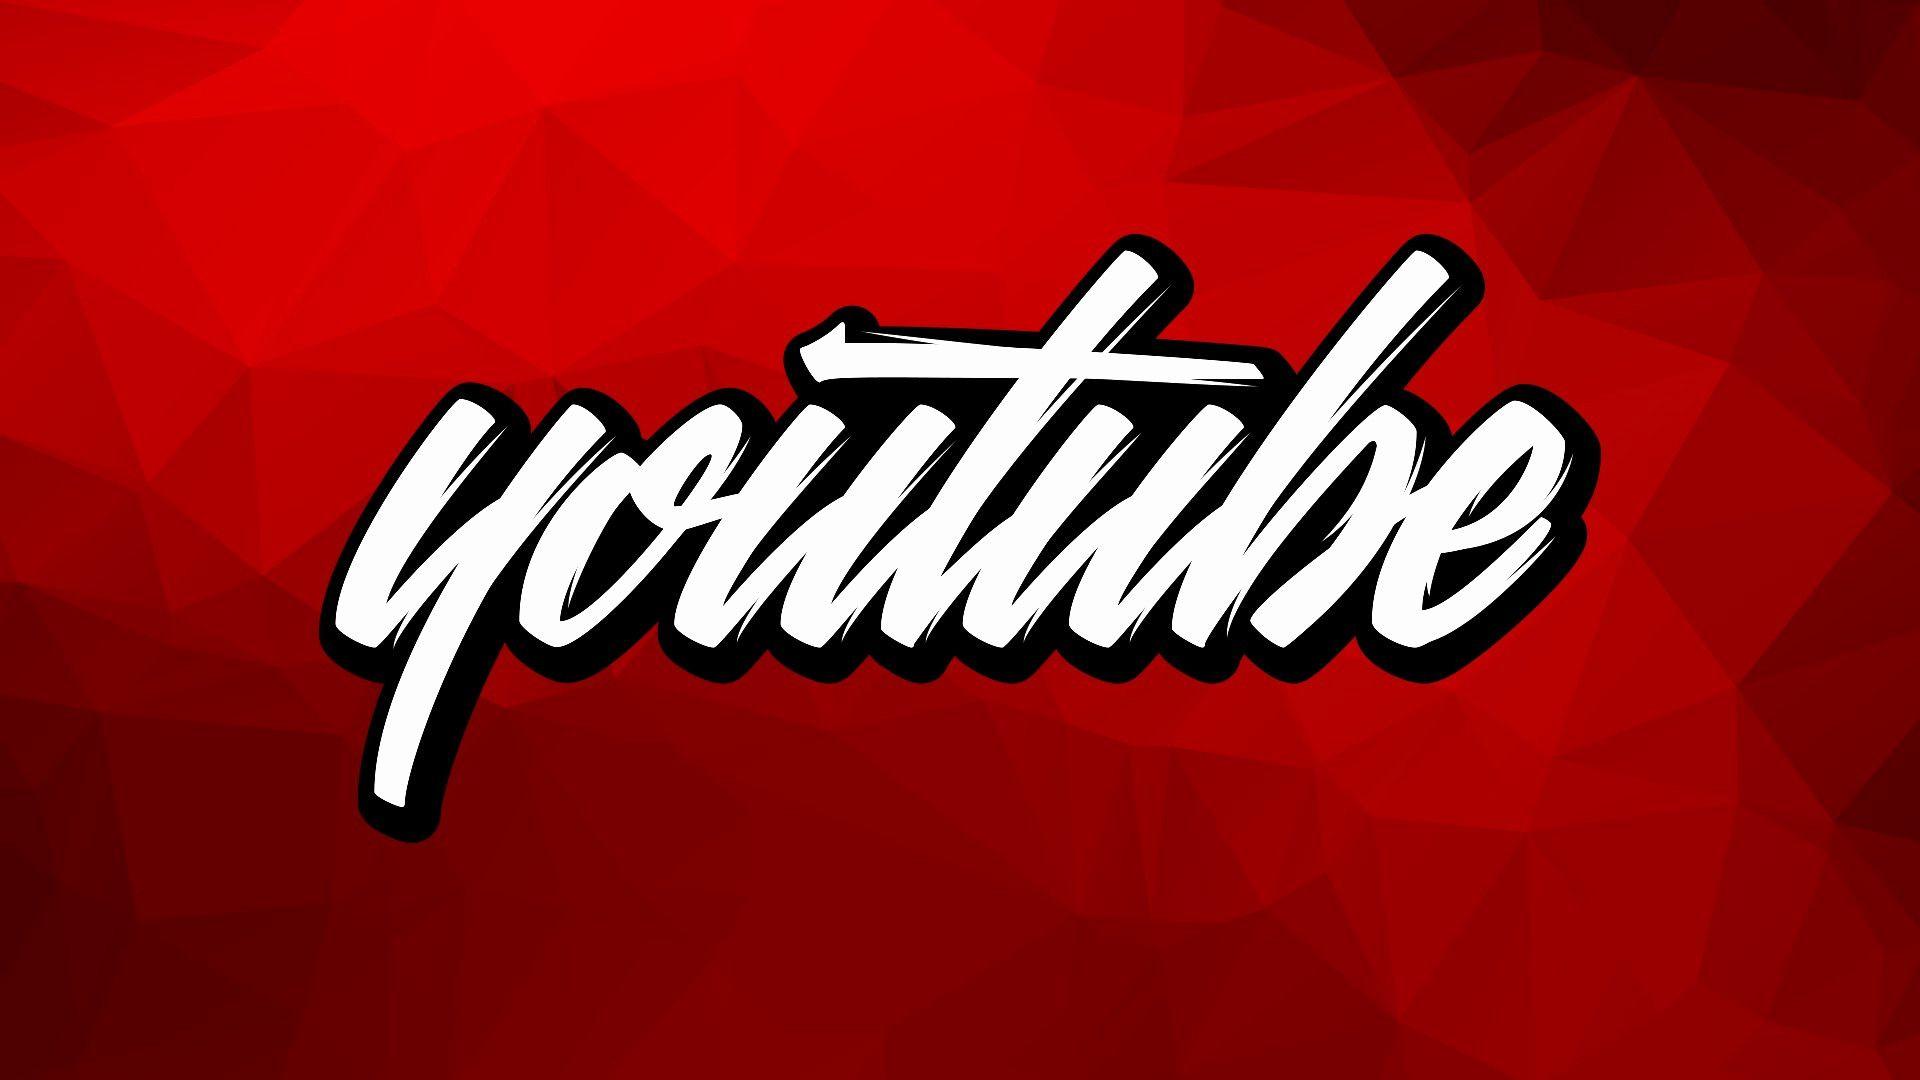 youtube logo wallpaper